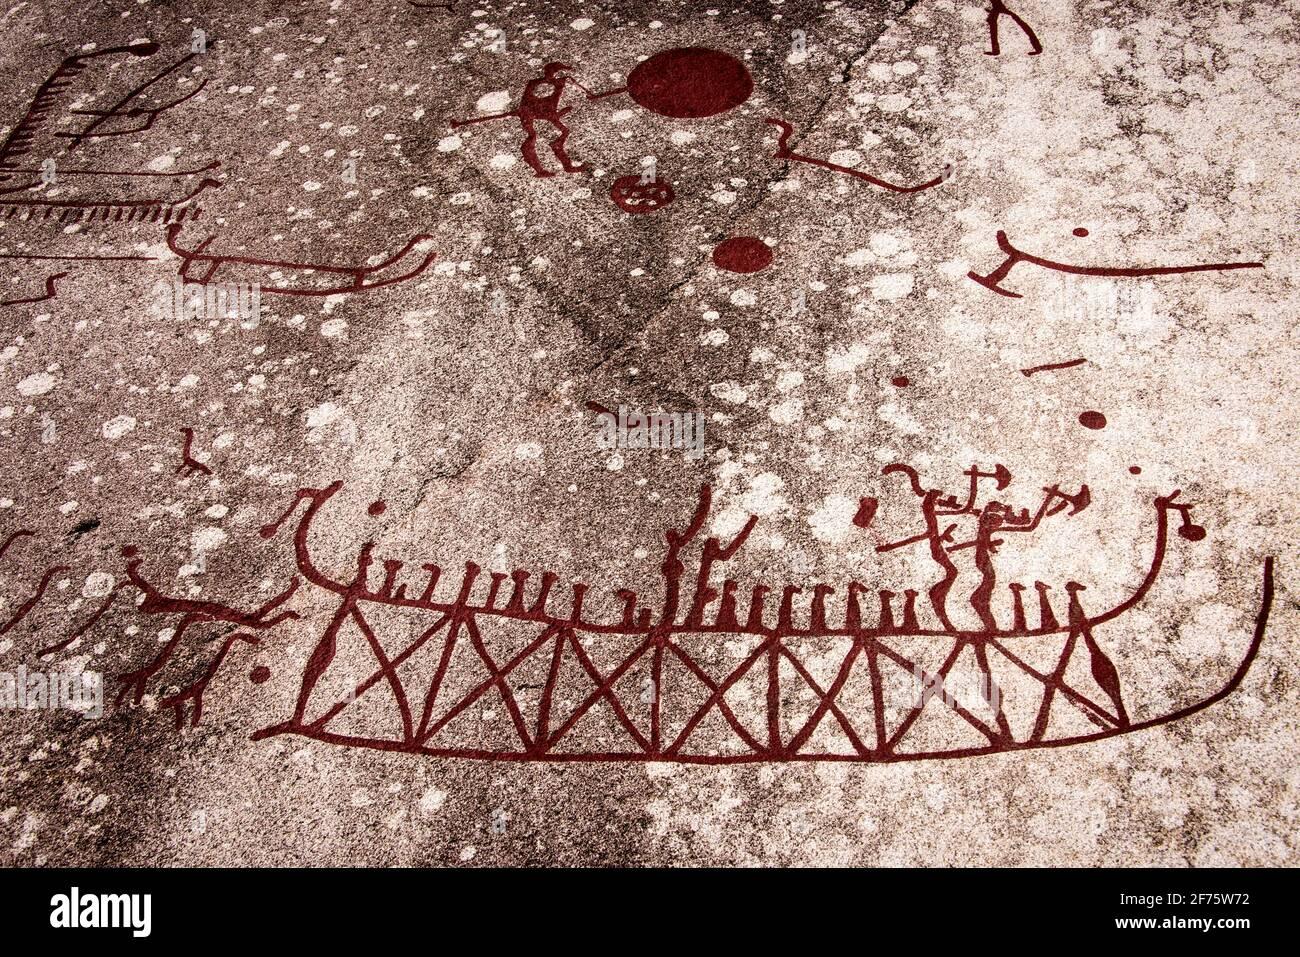 Schiff mit Kriegern: Détail der Felsbilder von Tanum en Suisse - navire avec guerriers: Détail des anciennes sculptures de roche à Tanum en Suède Banque D'Images